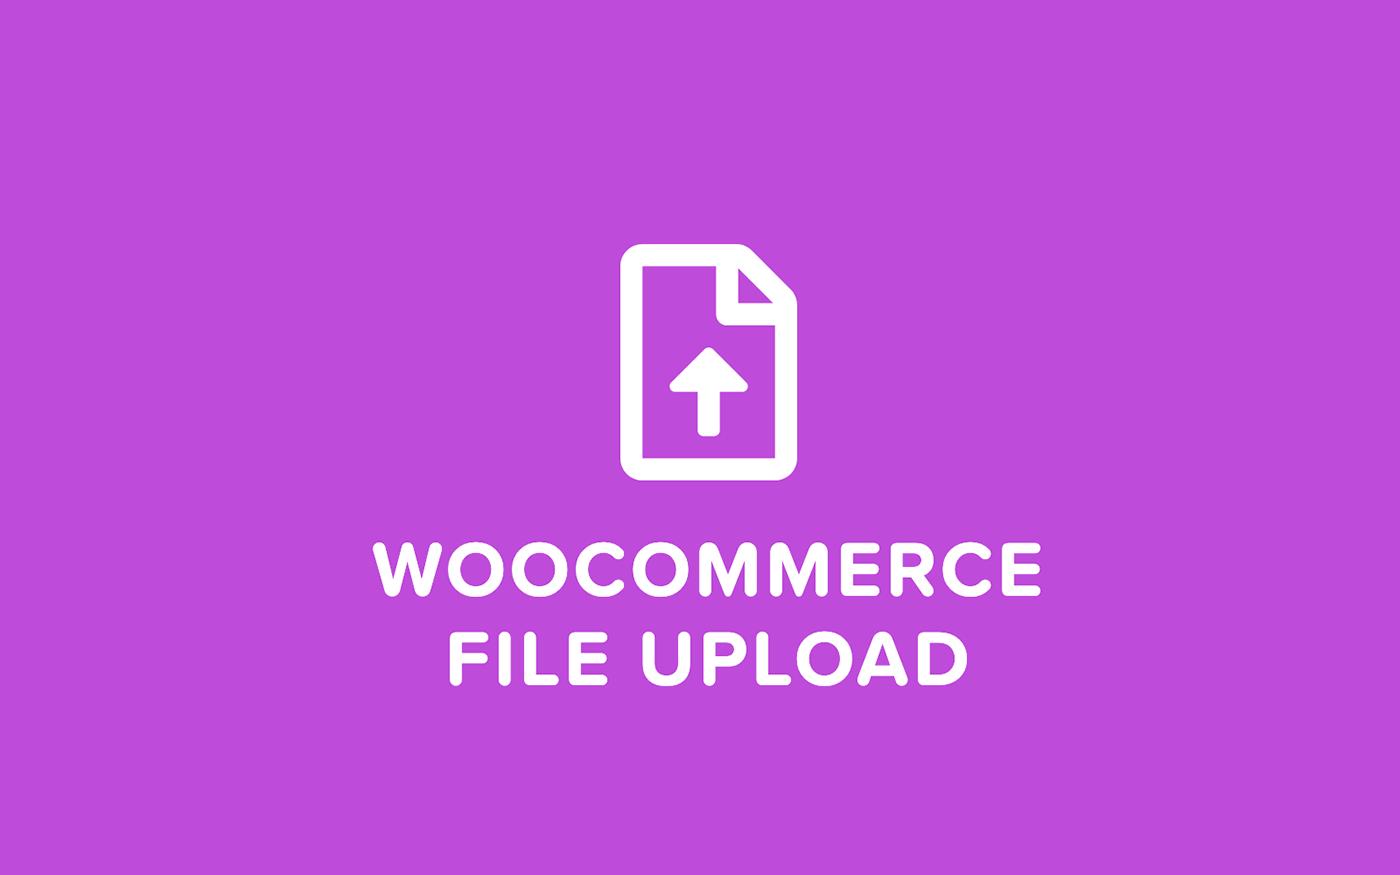 5 WooCommerce File Upload Plugins 2020